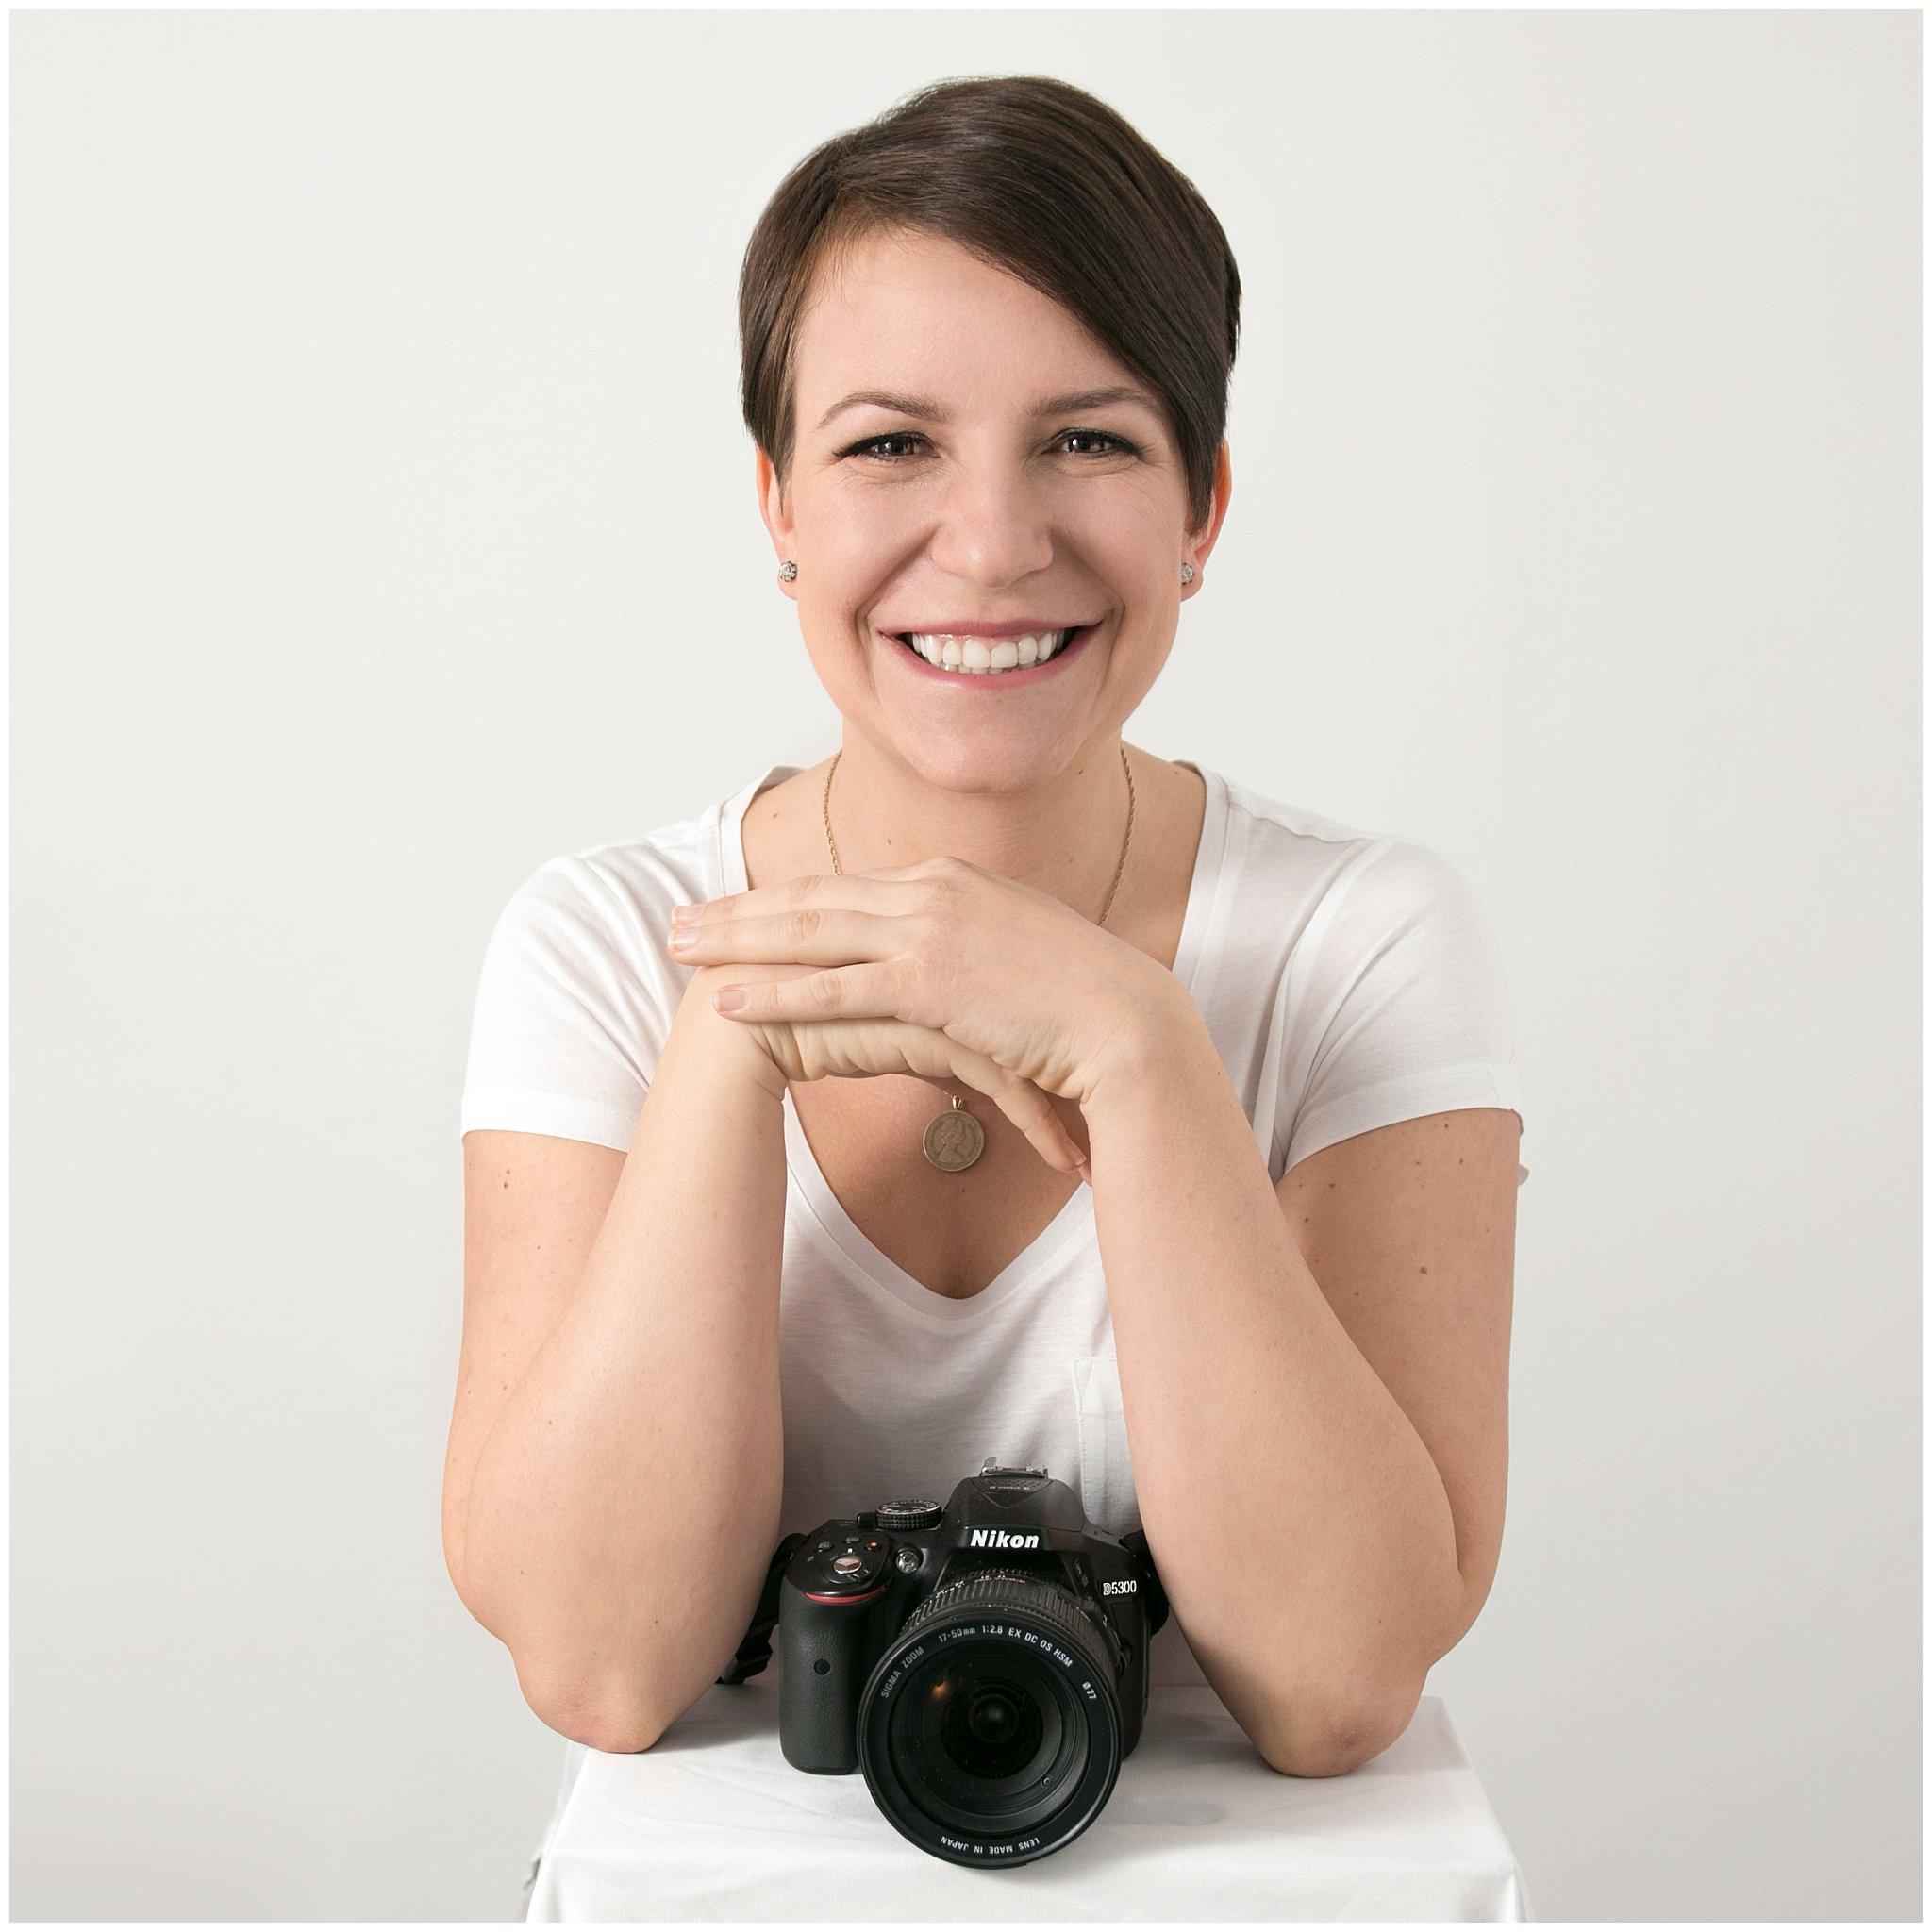 Allison Bauer, Fotografen Rosenheim